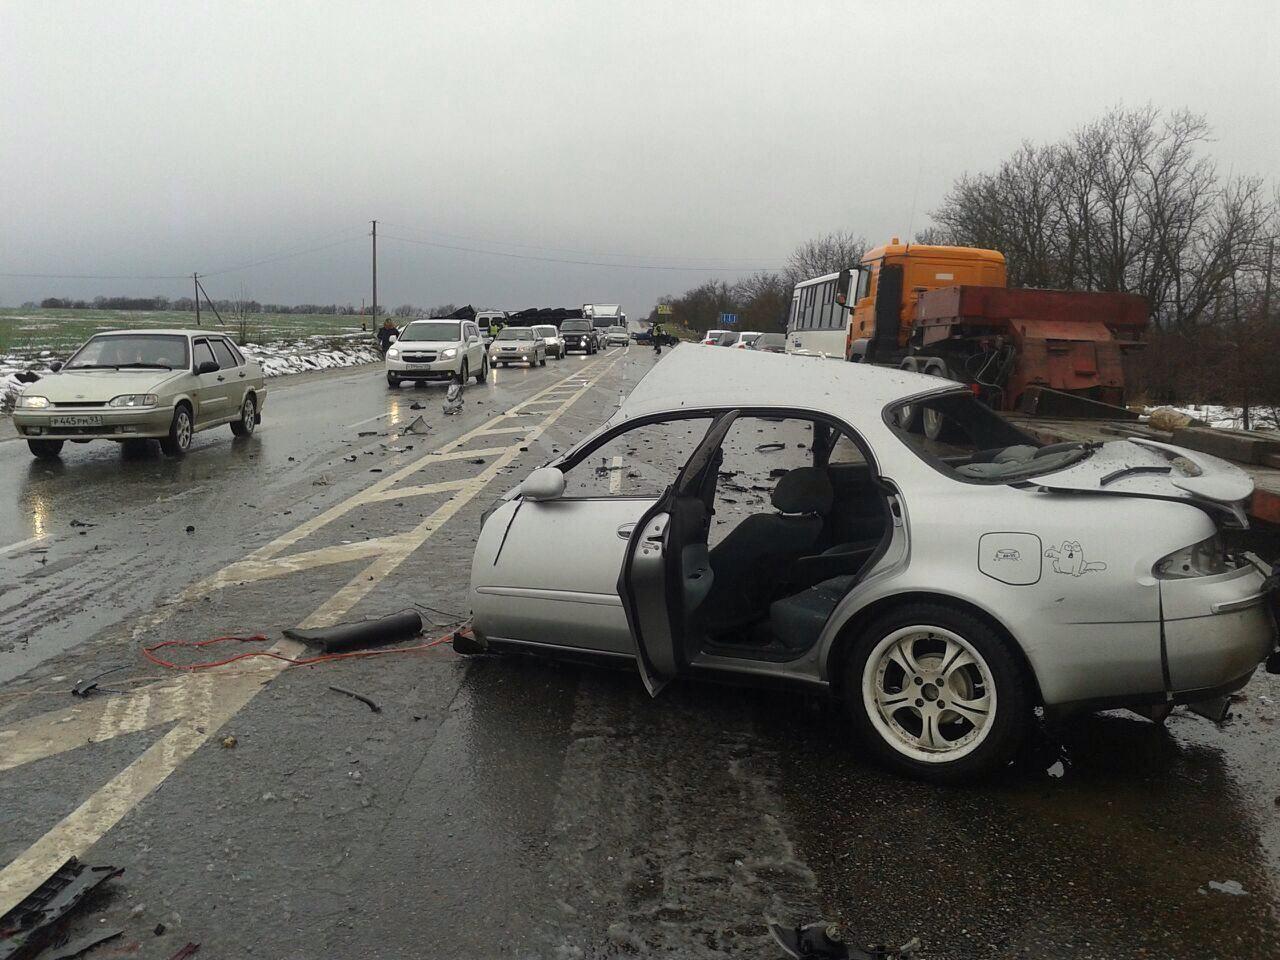 ДТП вСеверском районе: столкнулись 5 машин, пострадали 4 человека